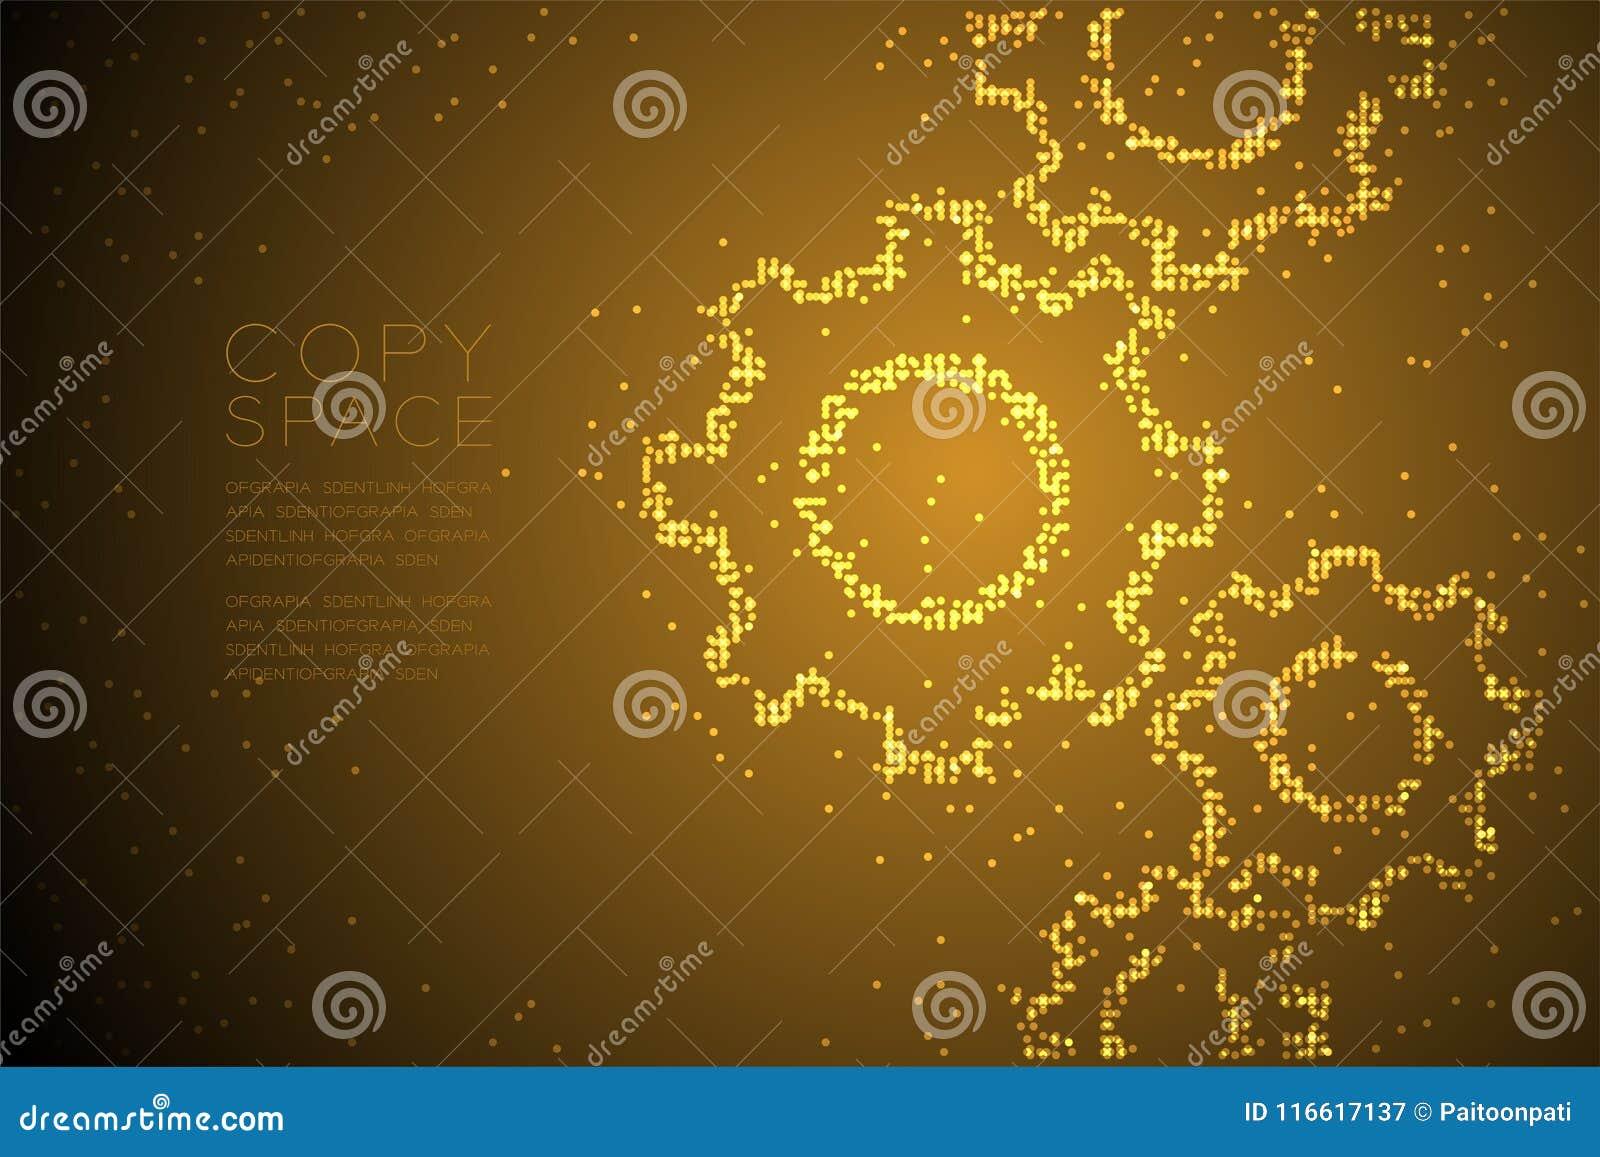 Абстрактная геометрическая форма шестерни инженерства точечного растра круга, иллюстрация цвета золота дизайна концепции системы